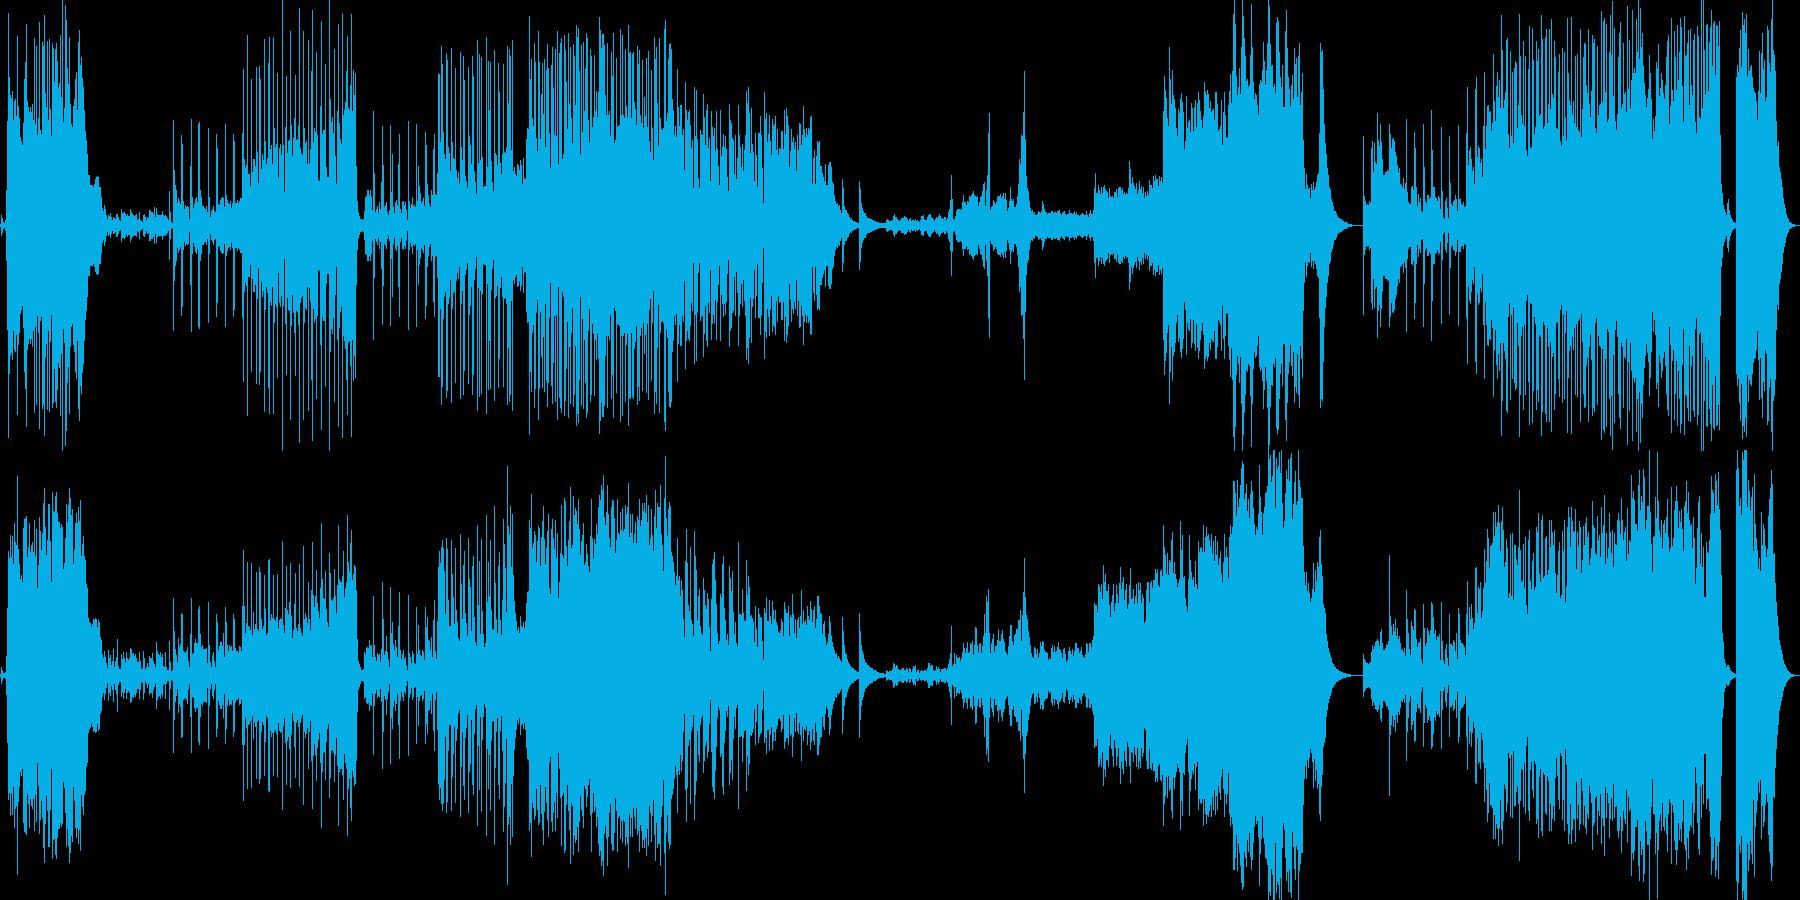 時計塔をイメージしたインストの再生済みの波形